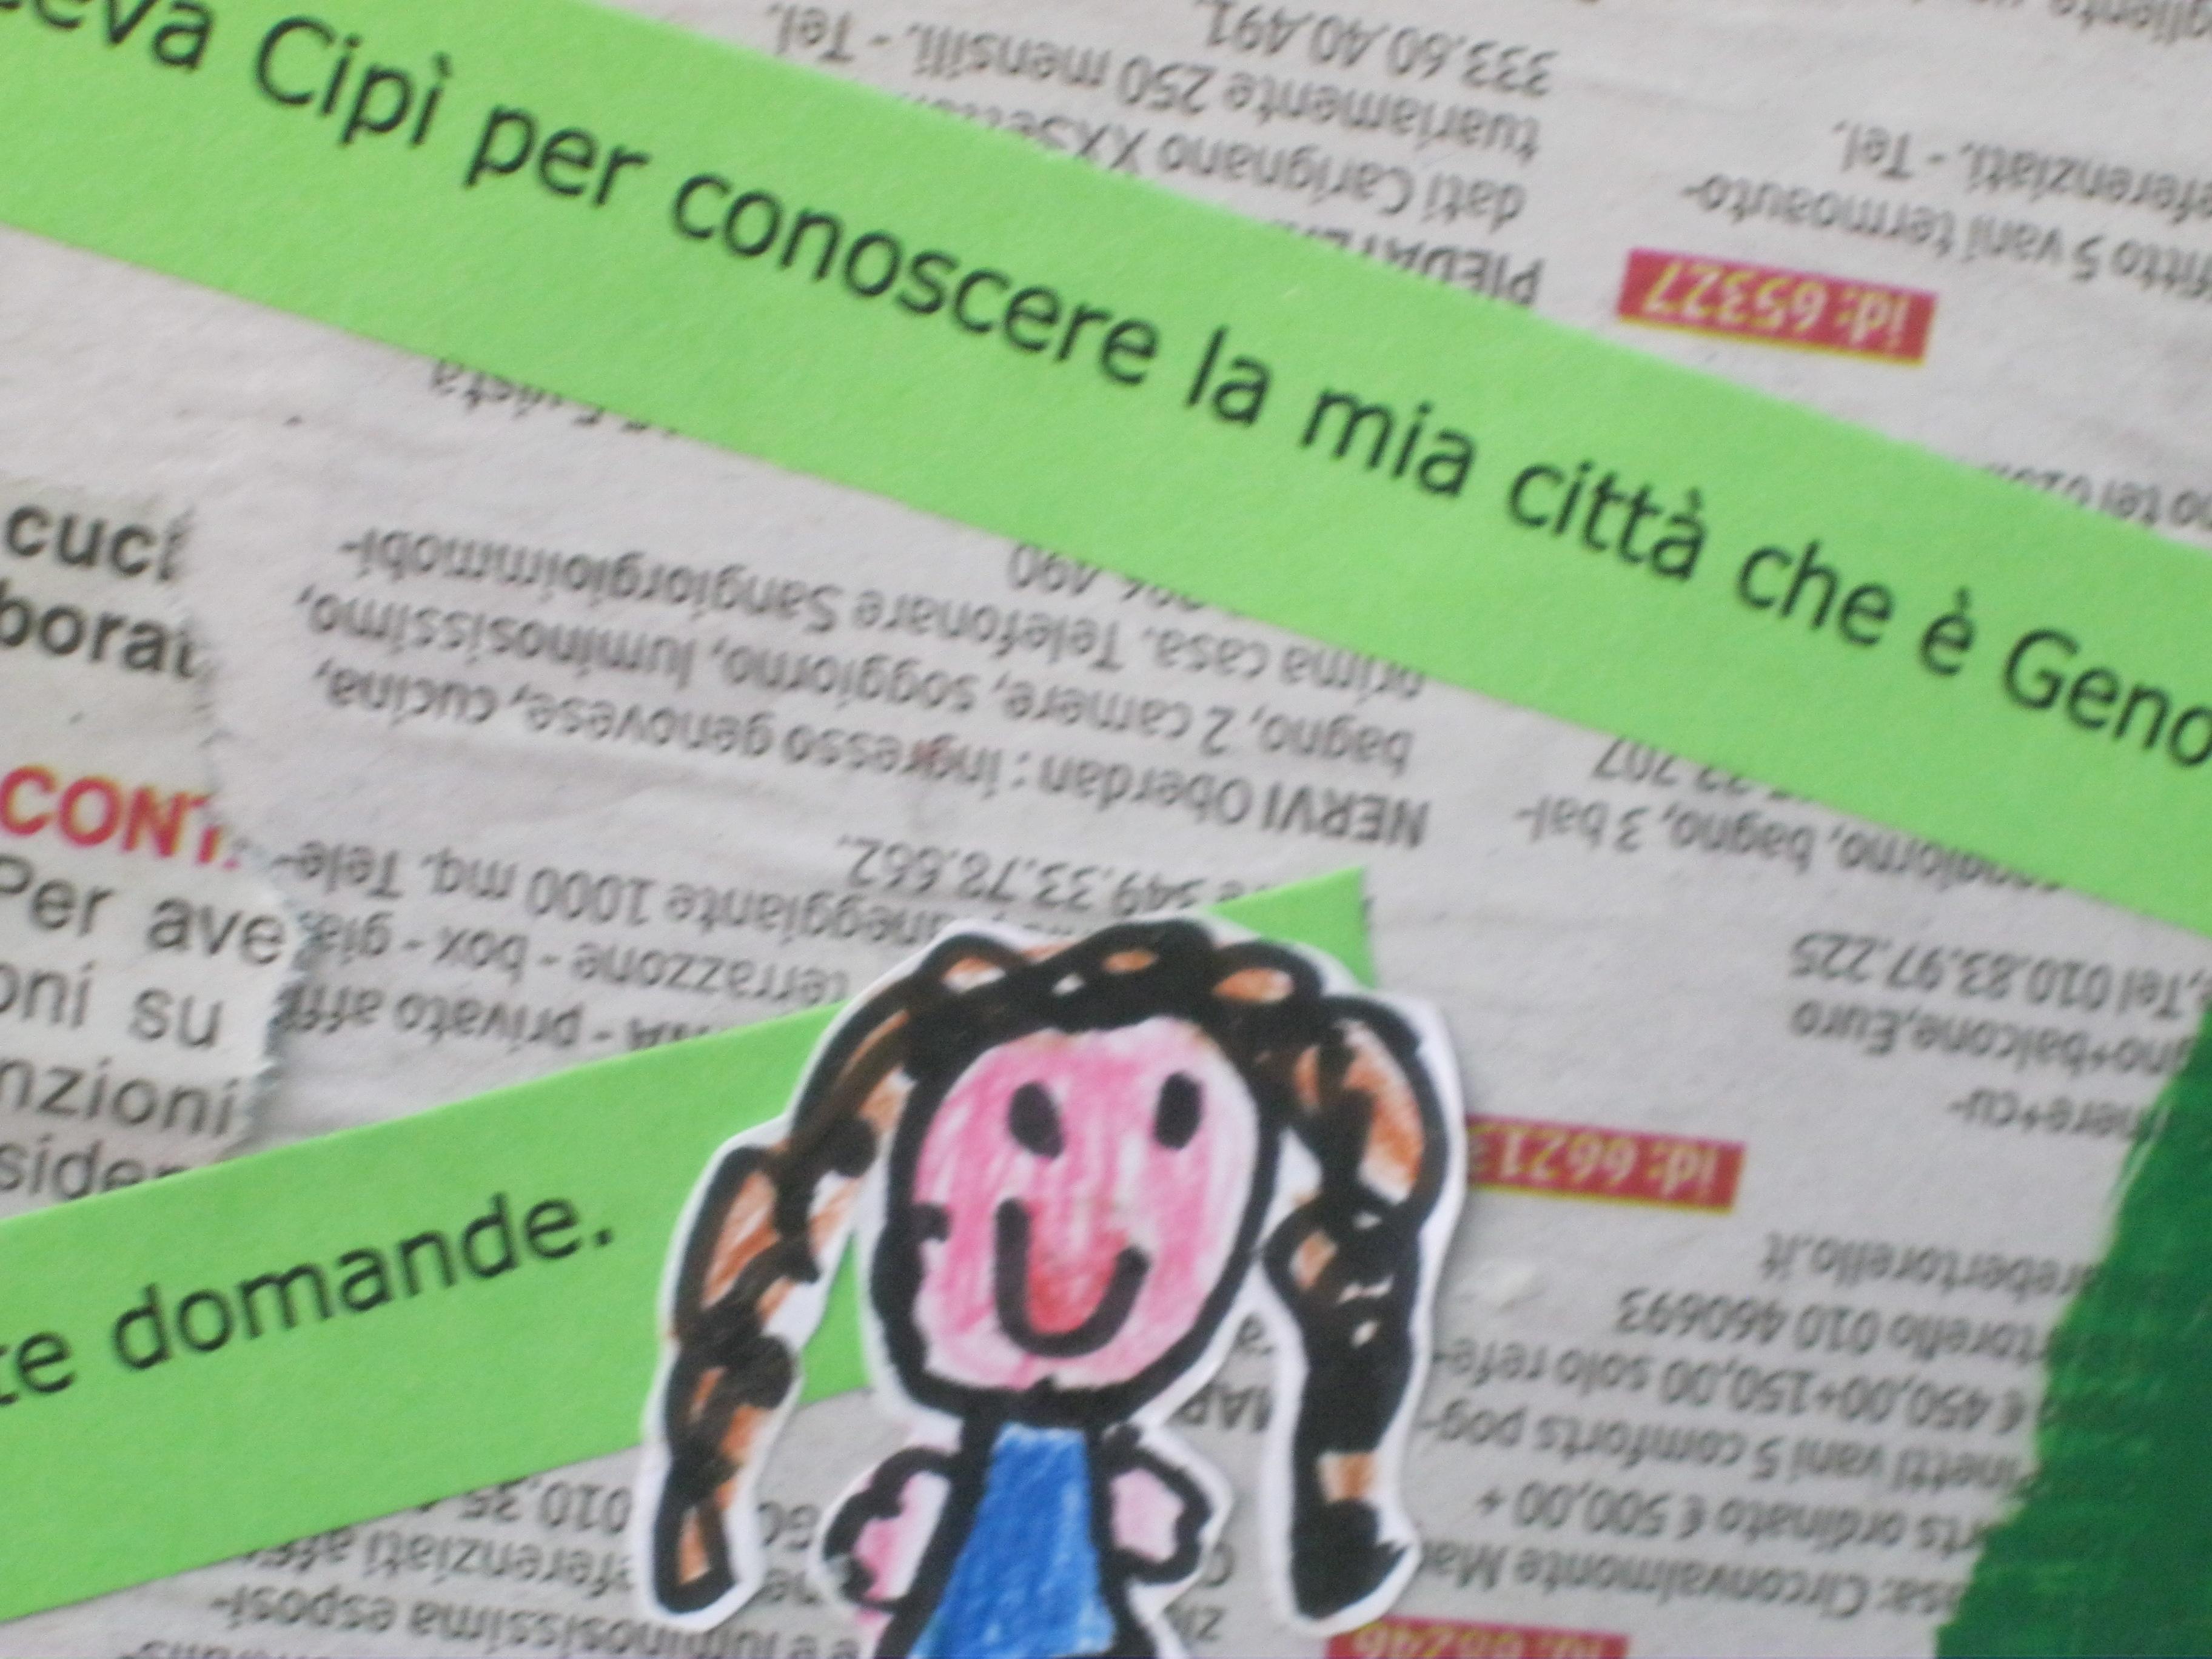 Scuola Glicine - Cipì (5)